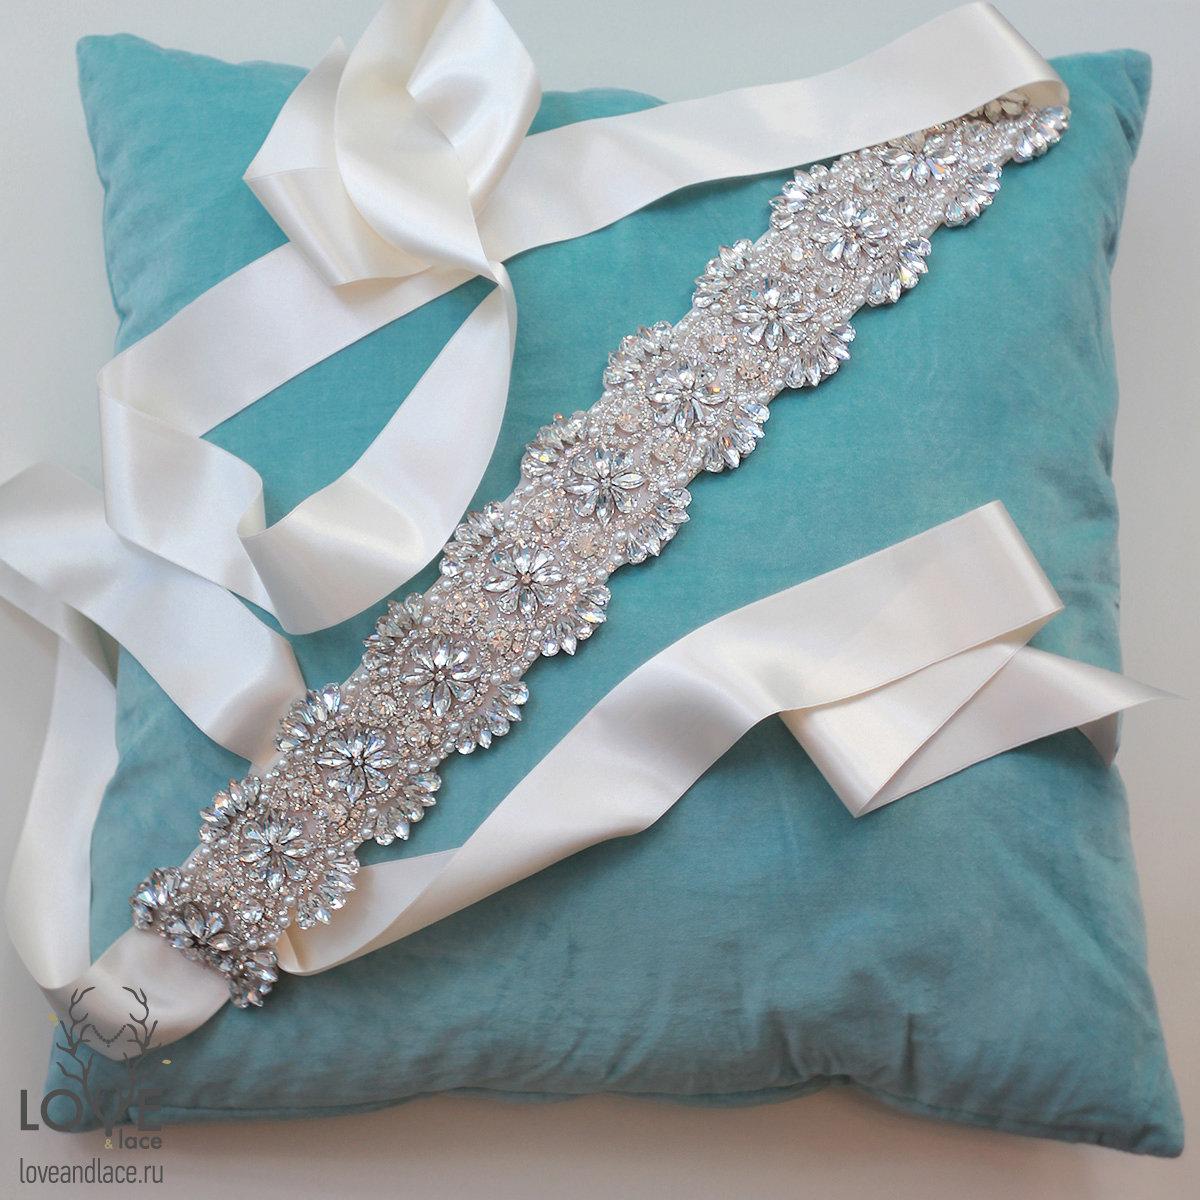 Пояса для свадебного платья своими руками 111